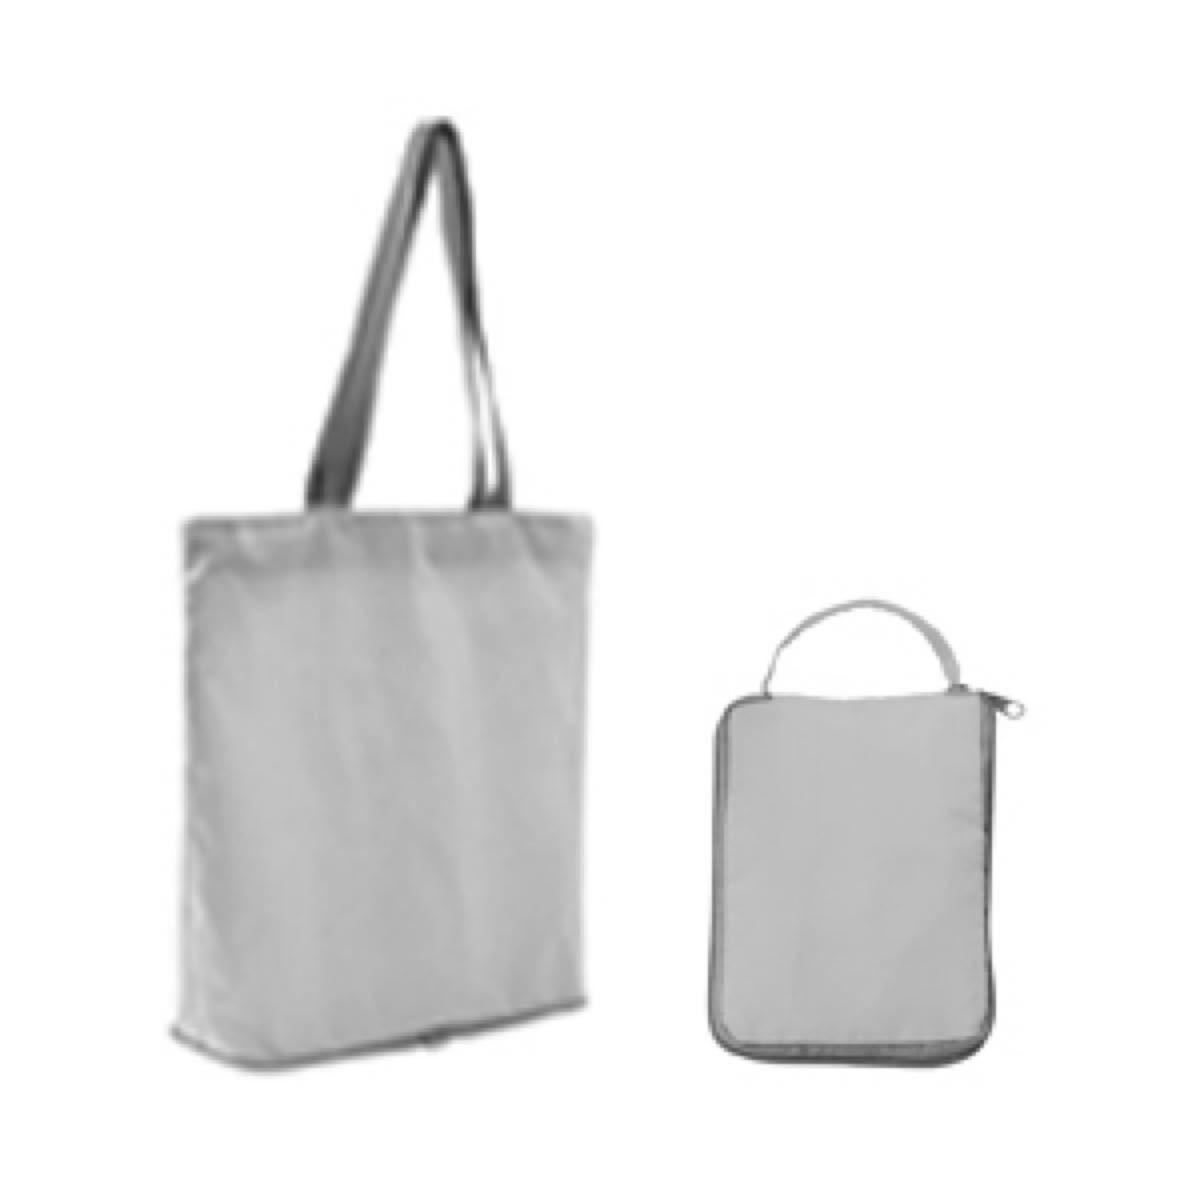 エコバッグ シルバー 大容量 買い物 防水防湿 折り畳み スーパー トートバッグ